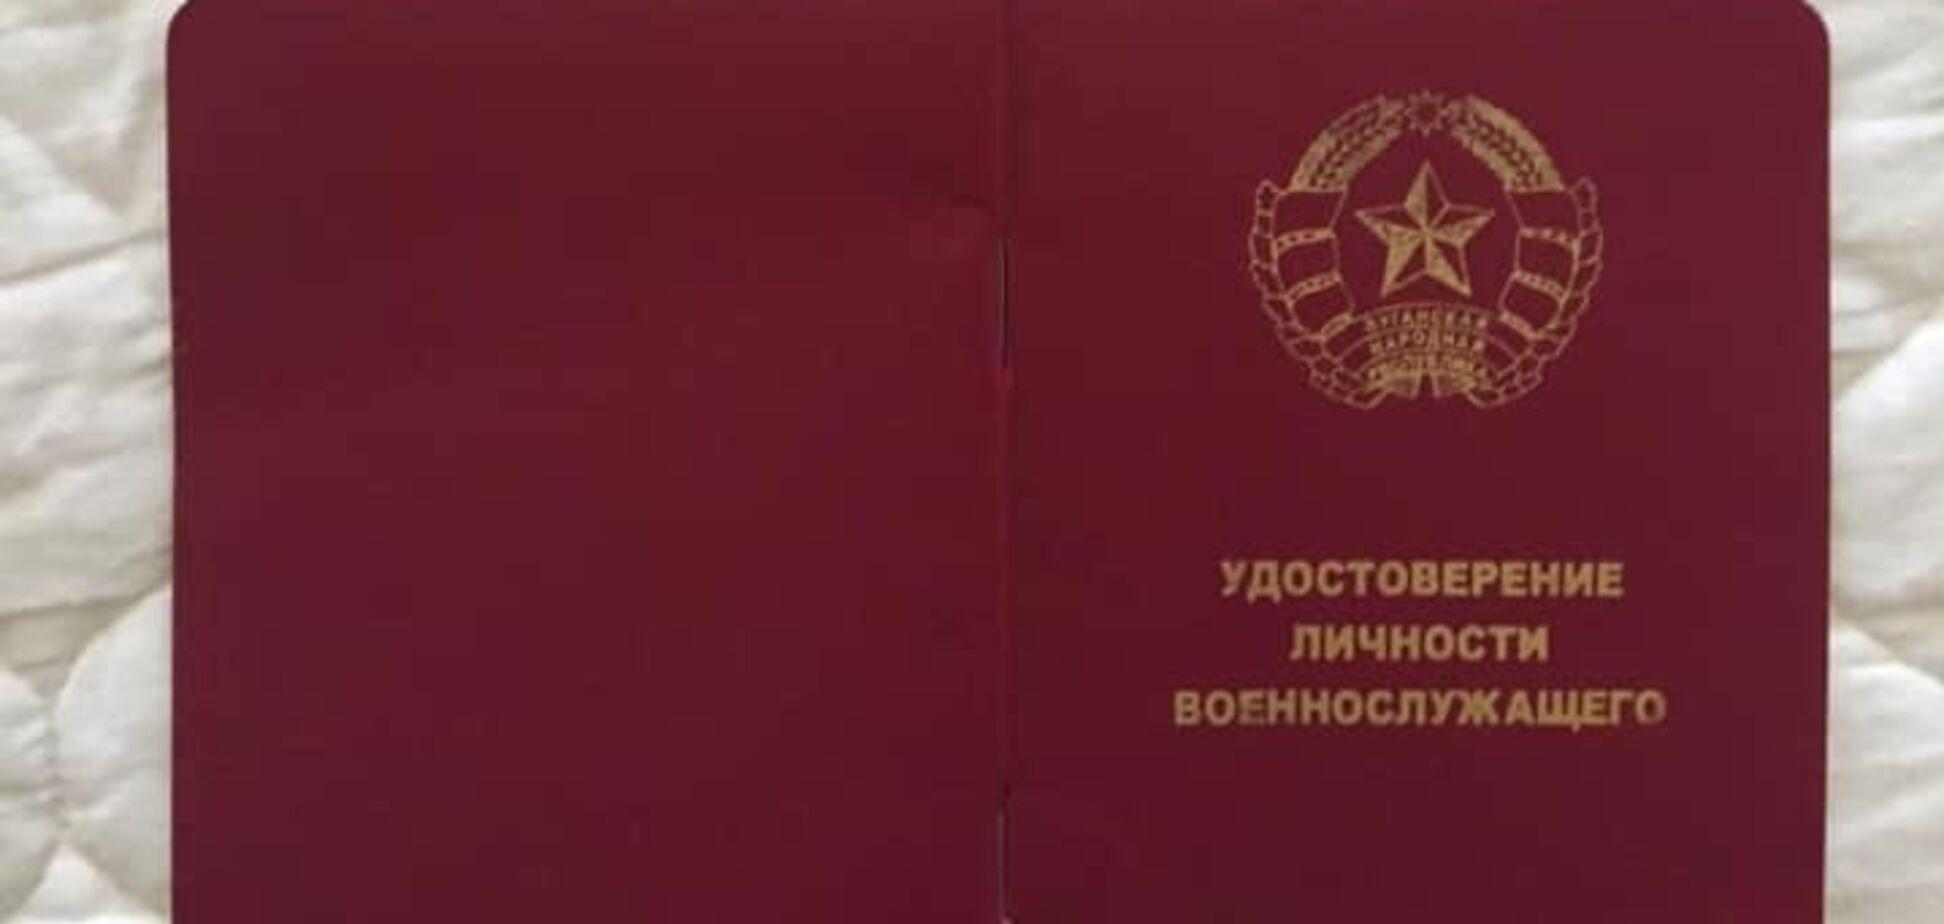 В Киеве задержали подозреваемого в спонсорстве 'ЛНР': суд оскандалился решением